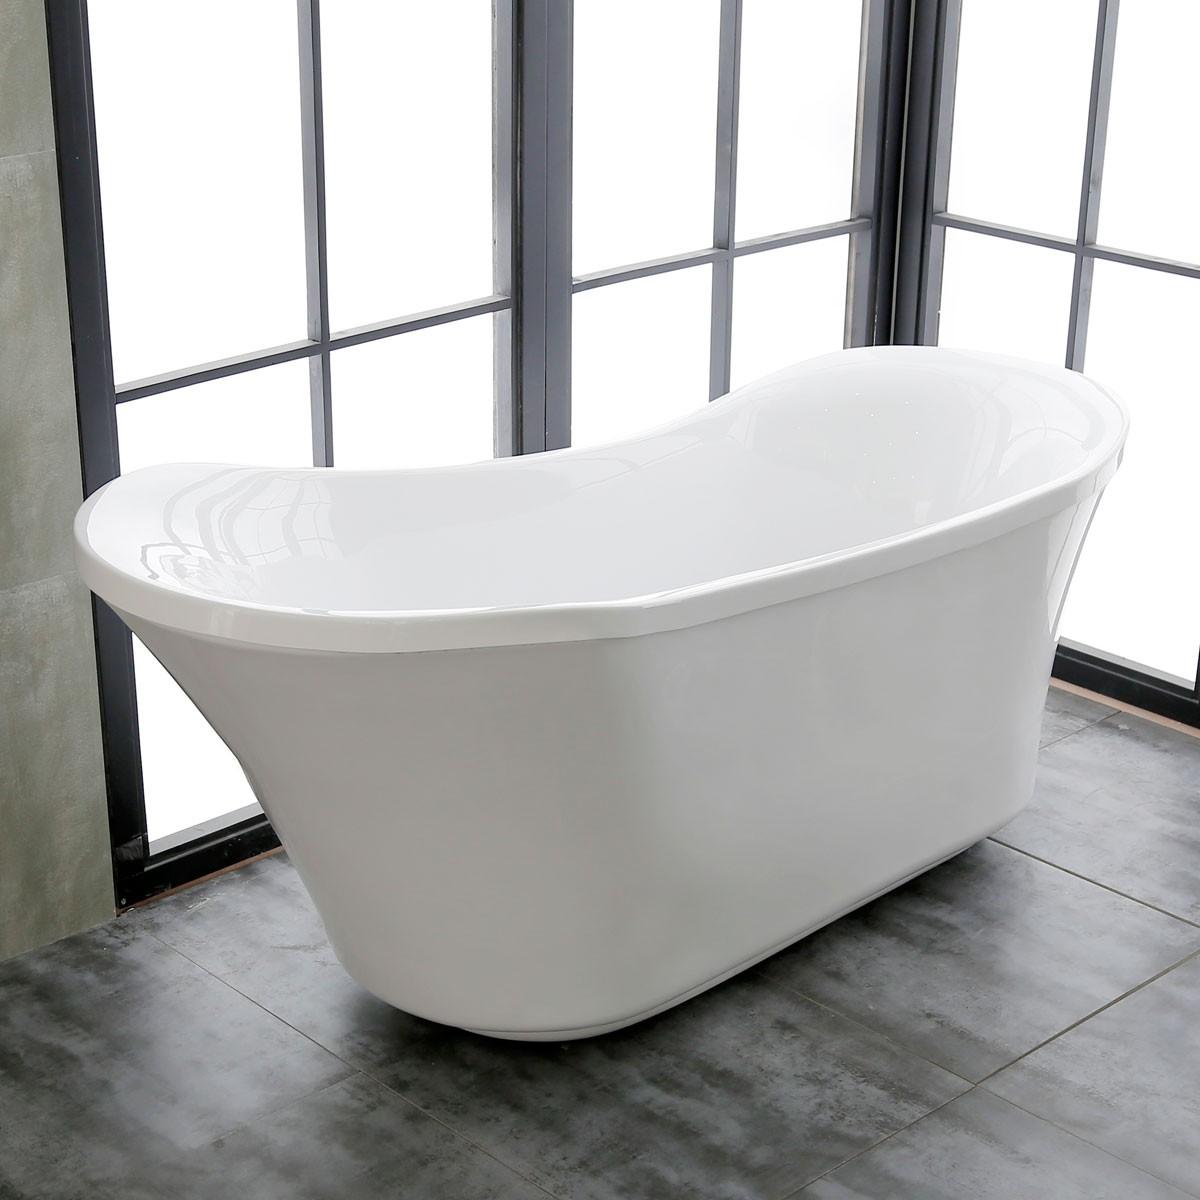 71 ln Freestanding Bathtub - Acrylic White (DK-K57880)